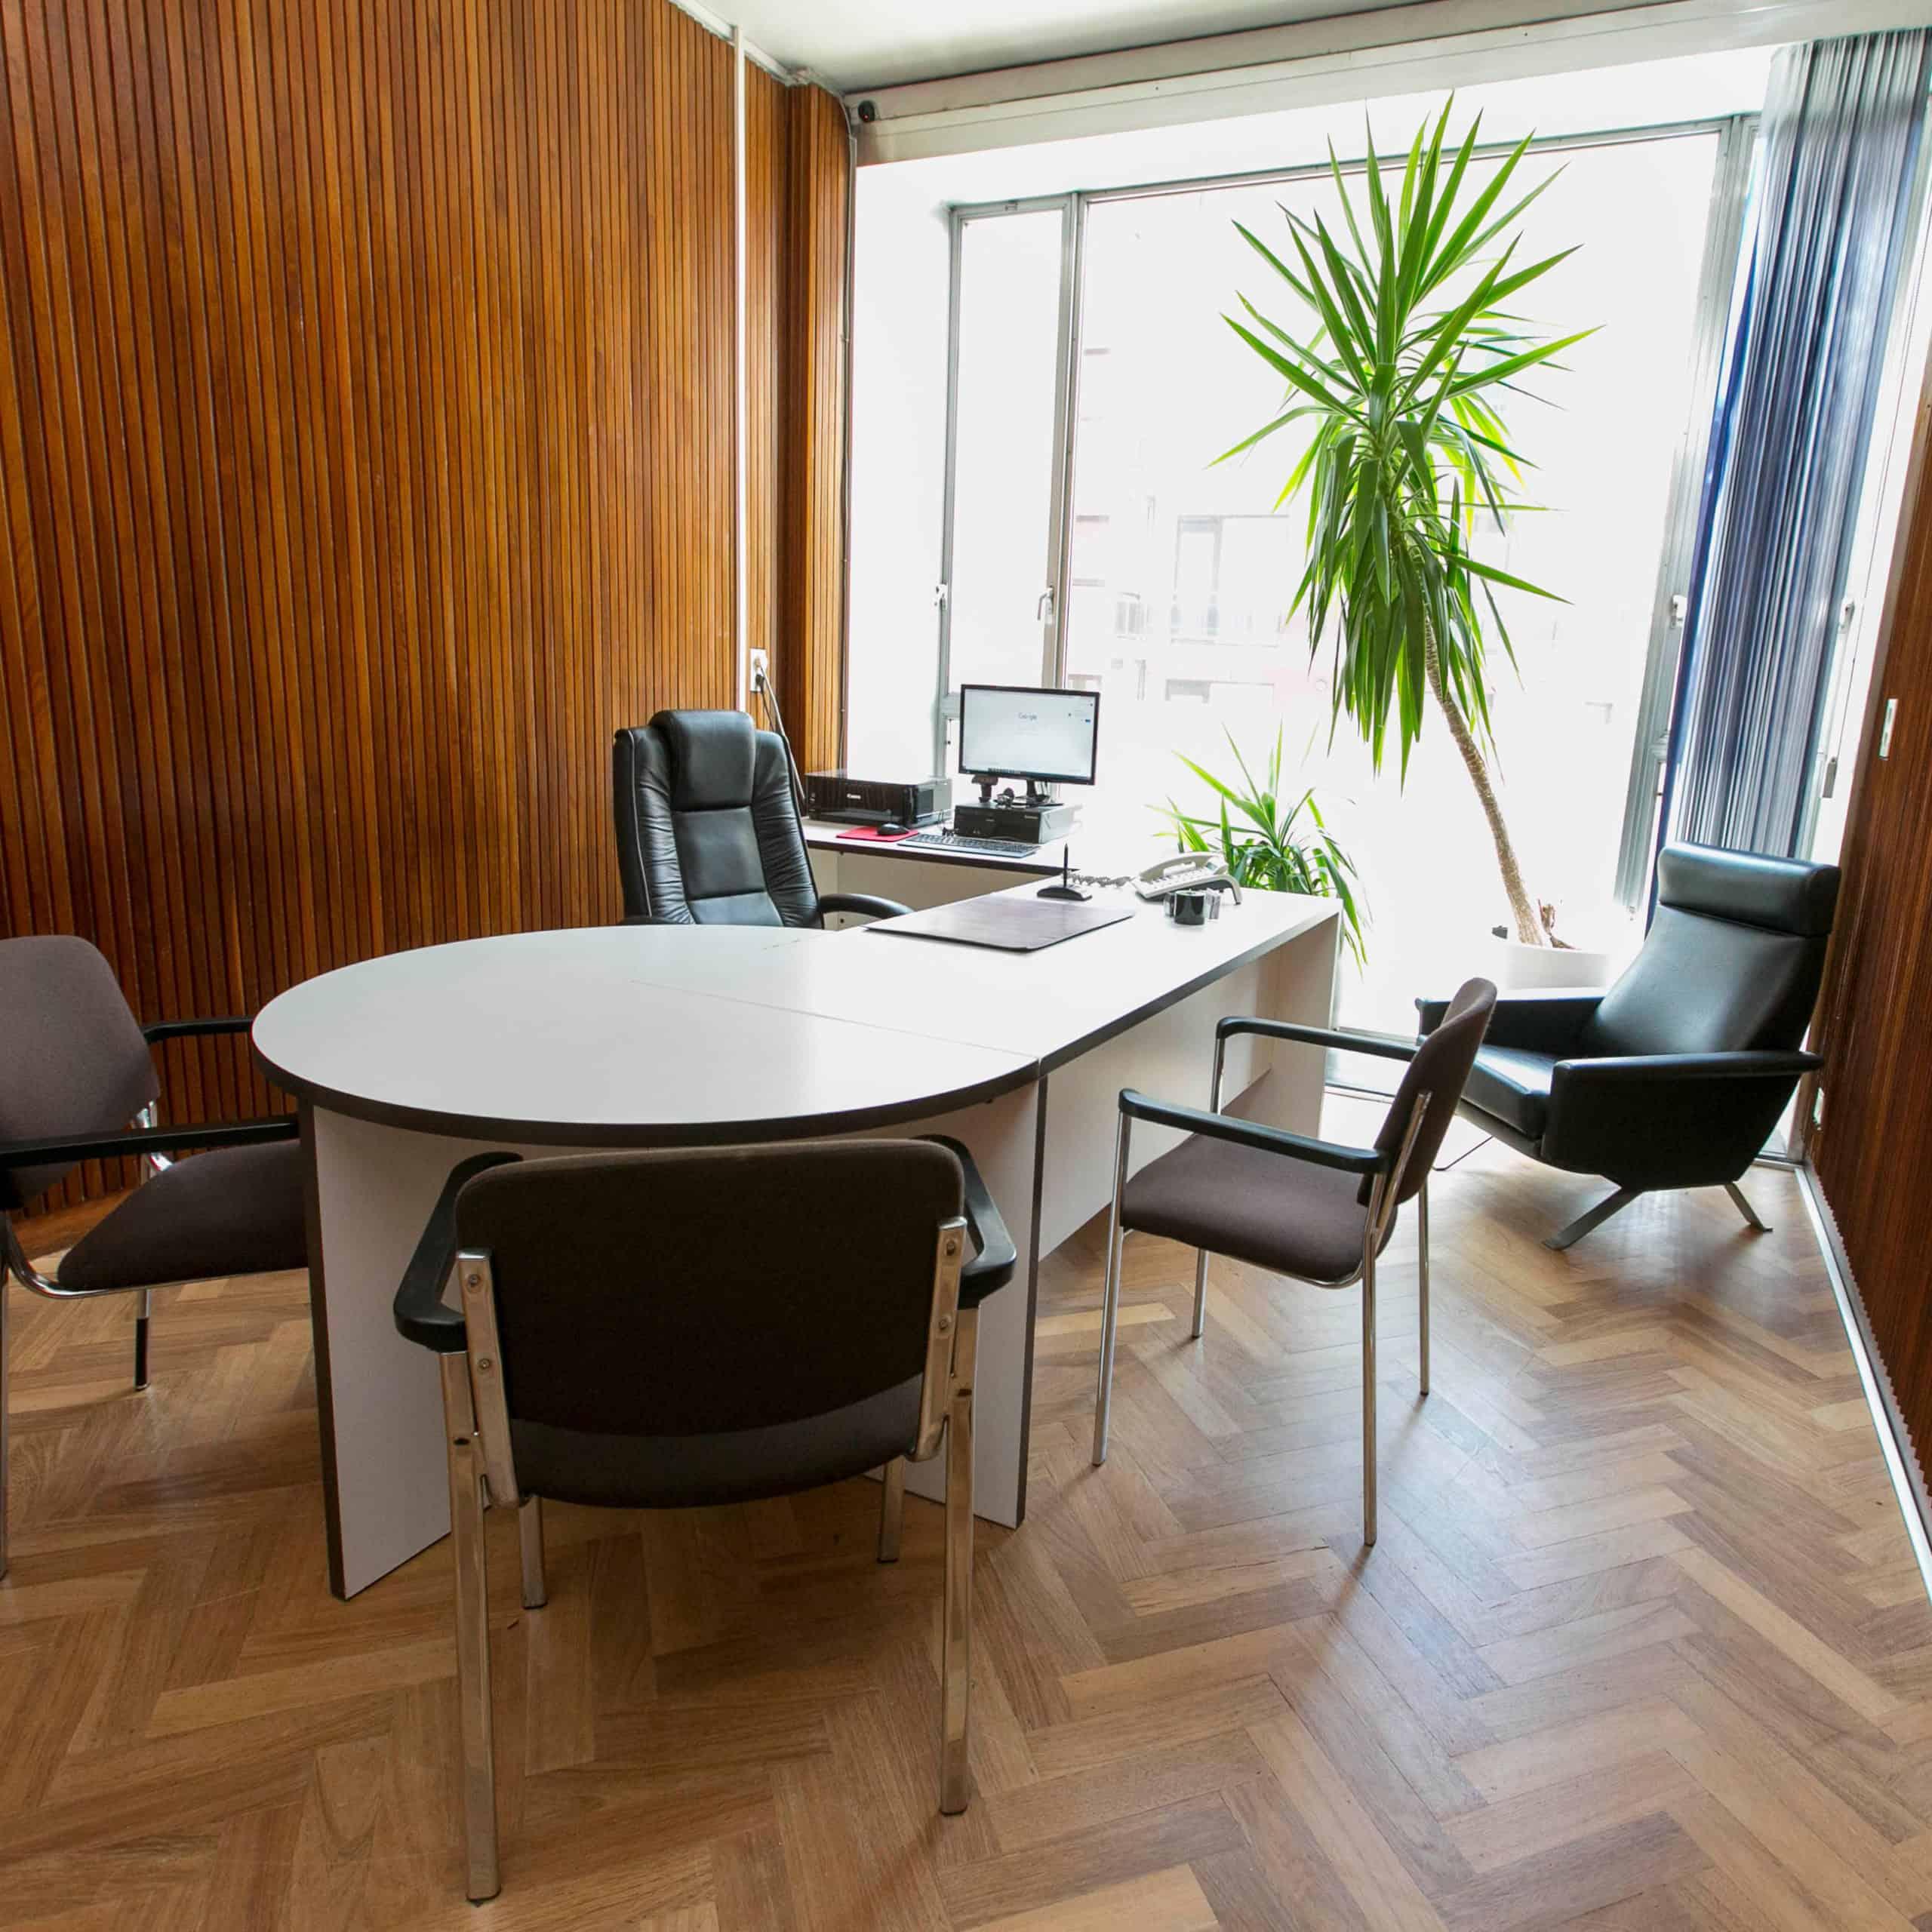 Location de bureaux - Maison des associations internationales - M.A.I.